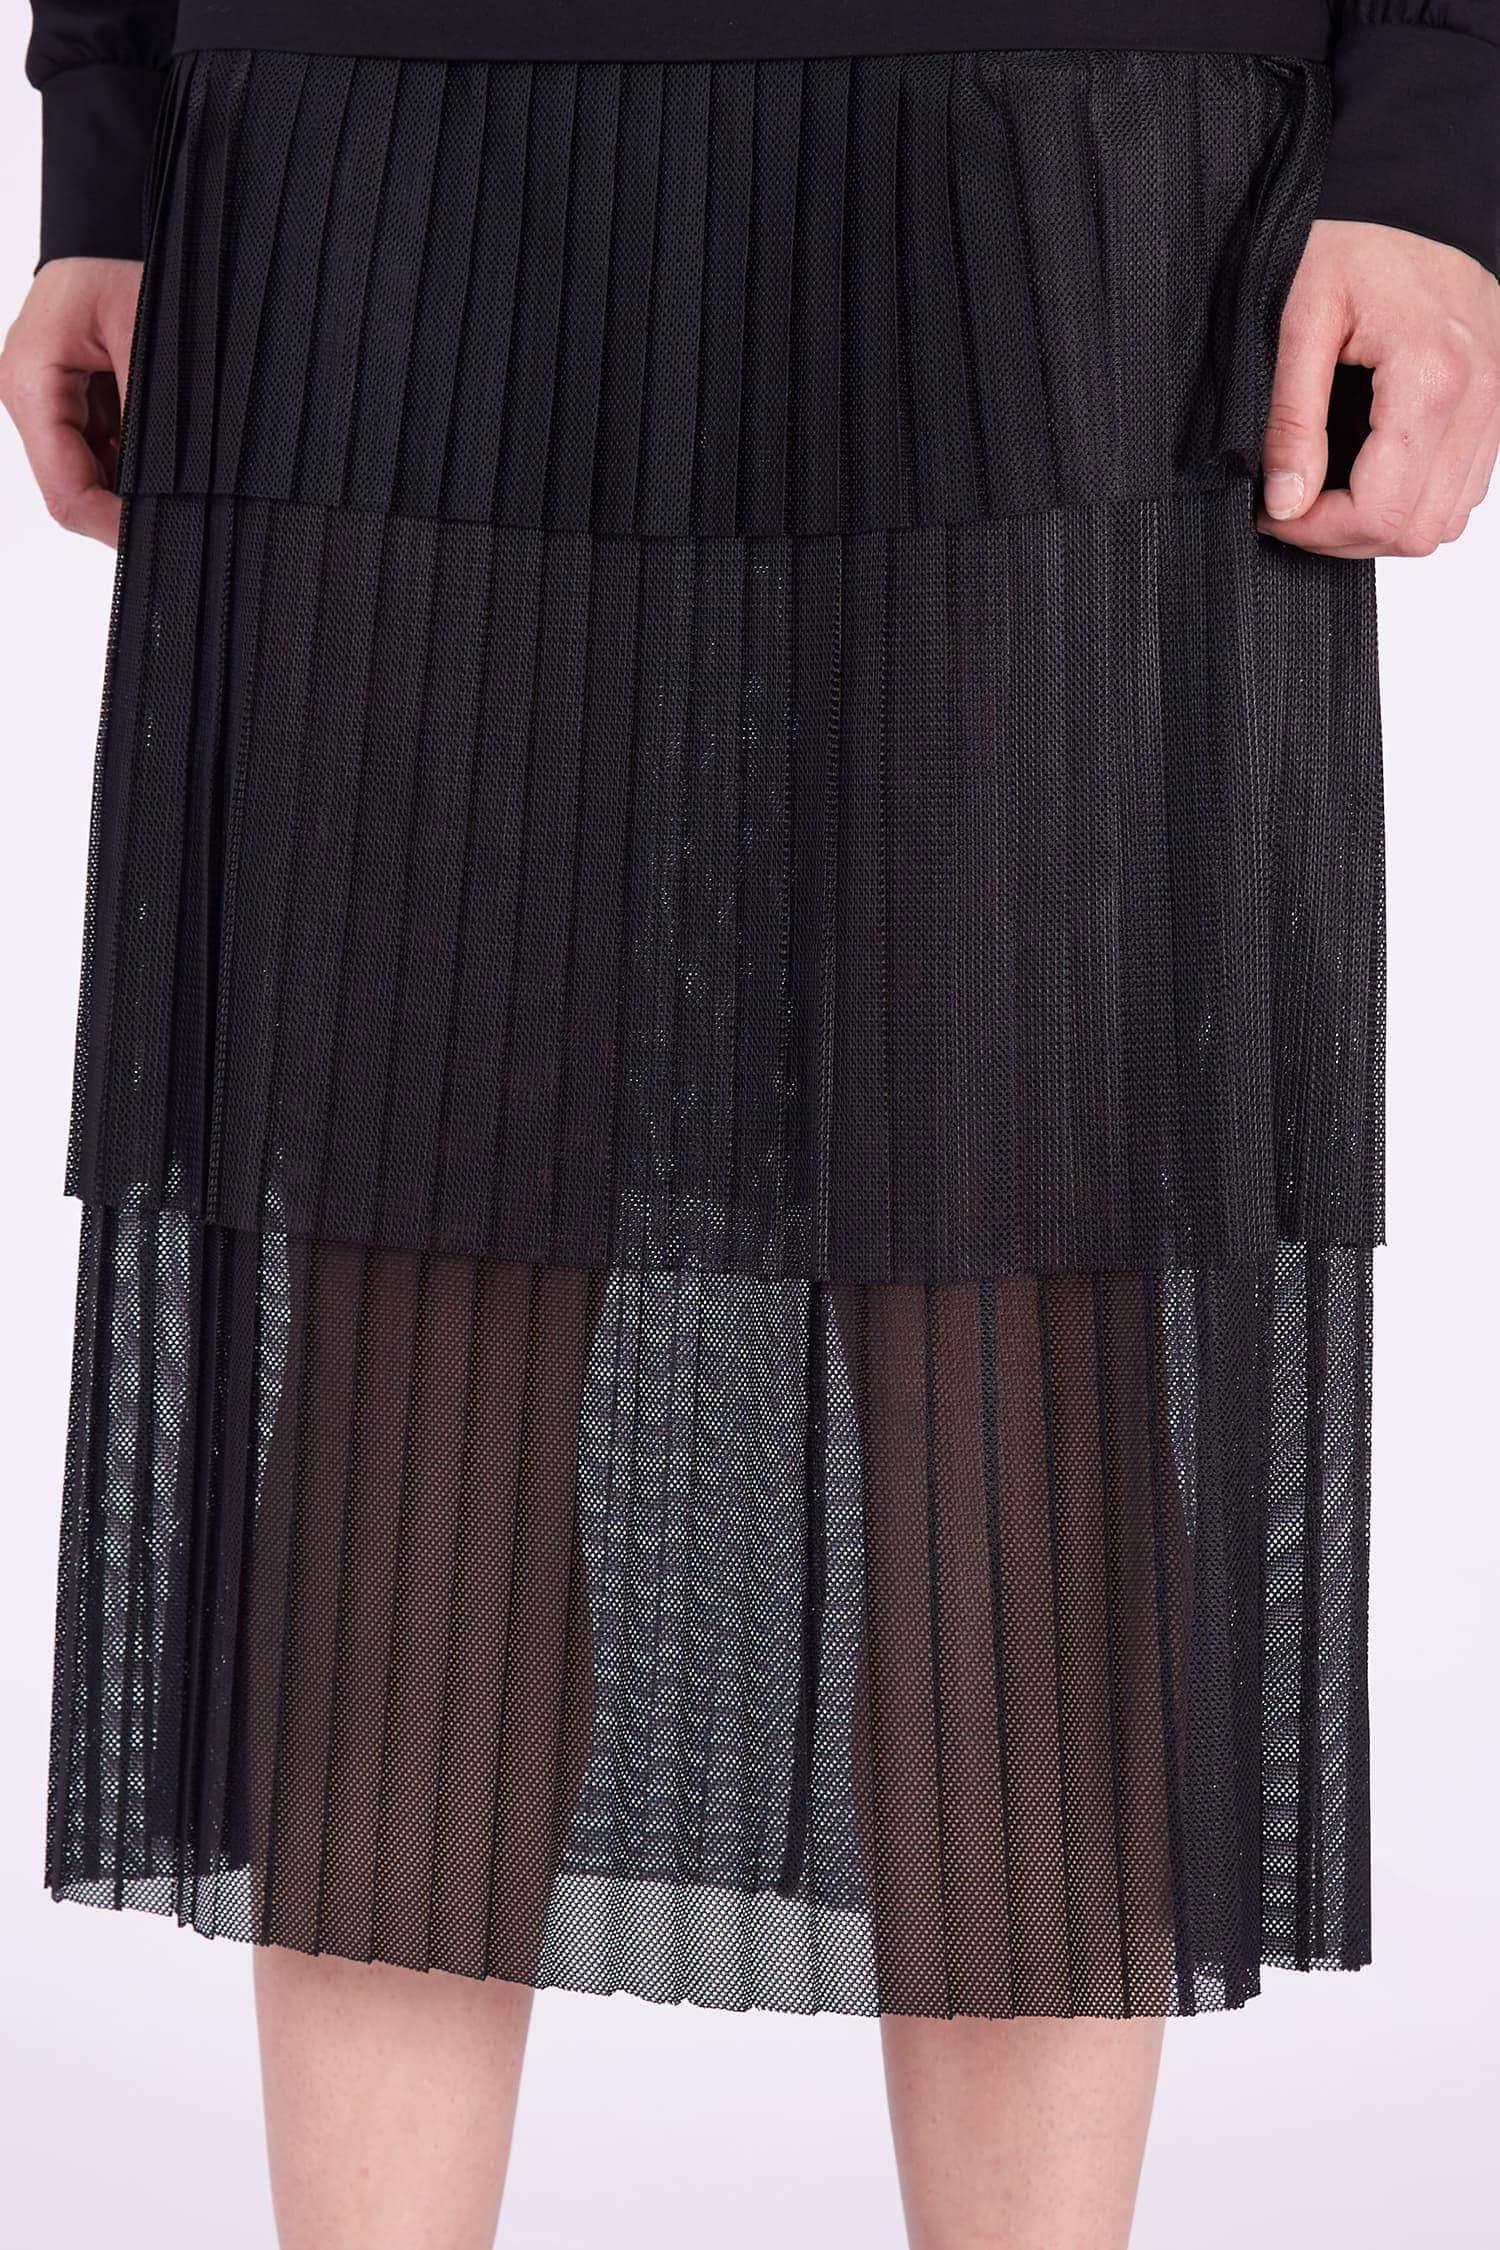 Acephala AW2018-19 Black Cotton Jersey Patch Dress // Czarna Bawełniana Sukienka z Naszywki detail